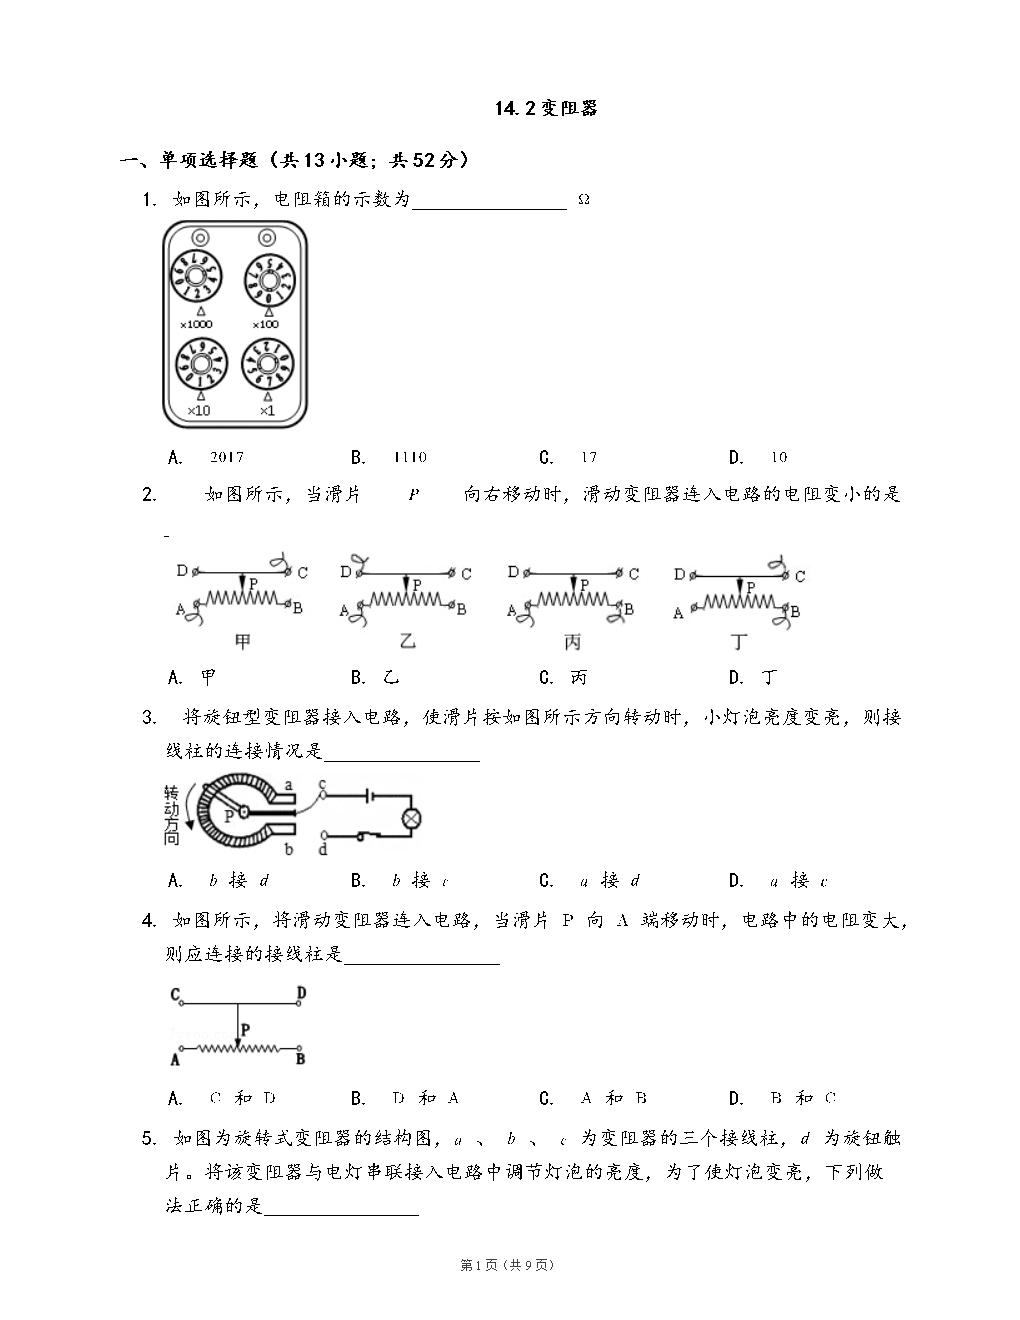 苏科版九年级物理上册一课一练14.2变阻器(word版,含答案解析).docx